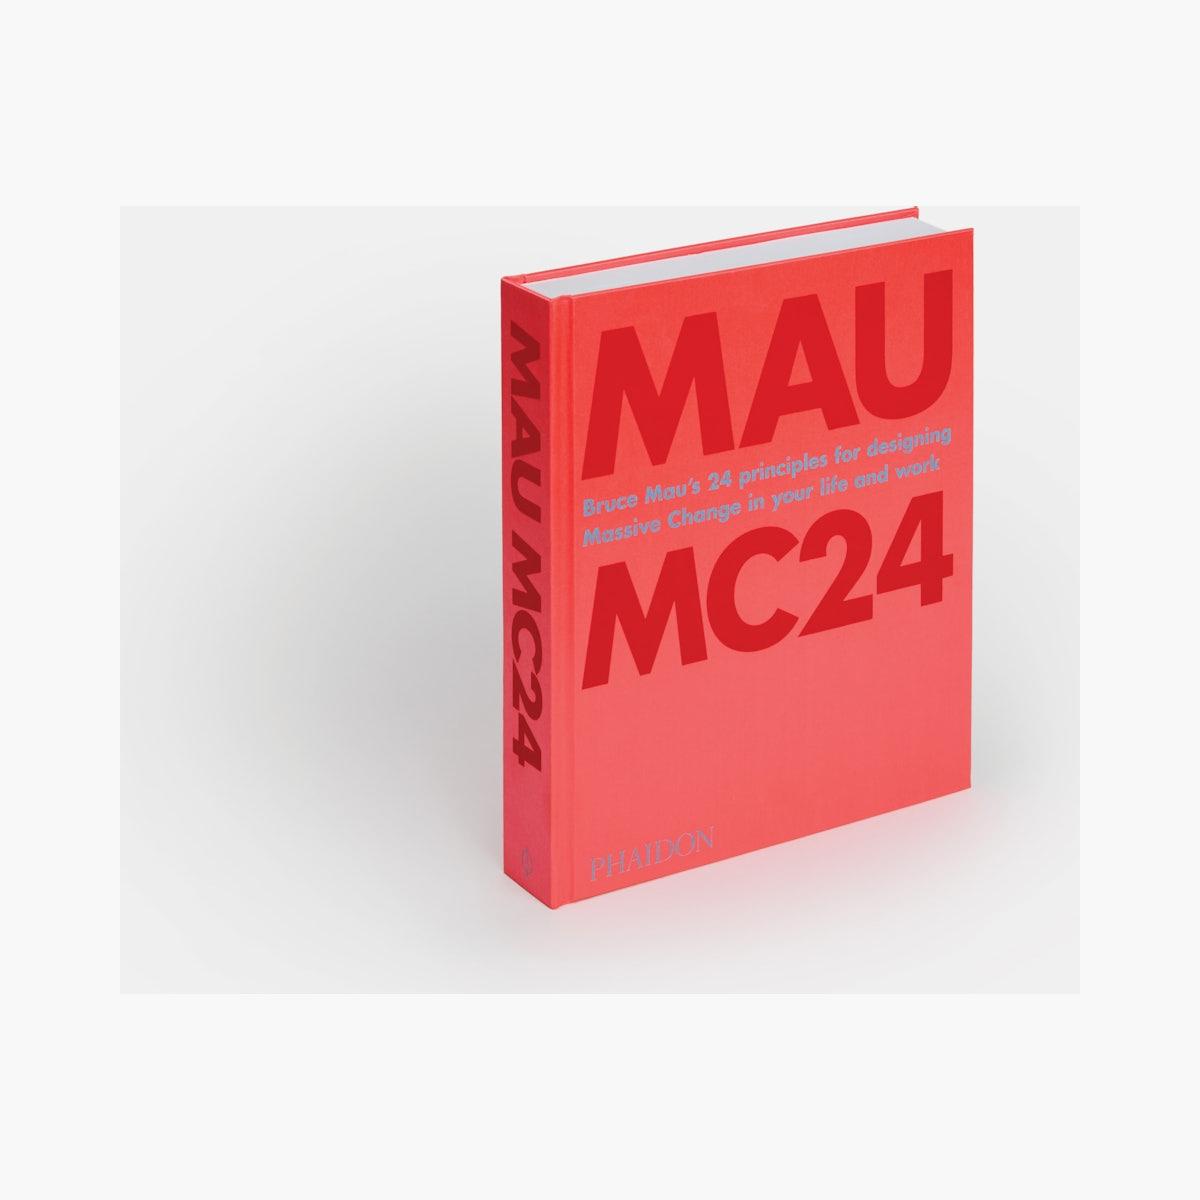 Mau MC24